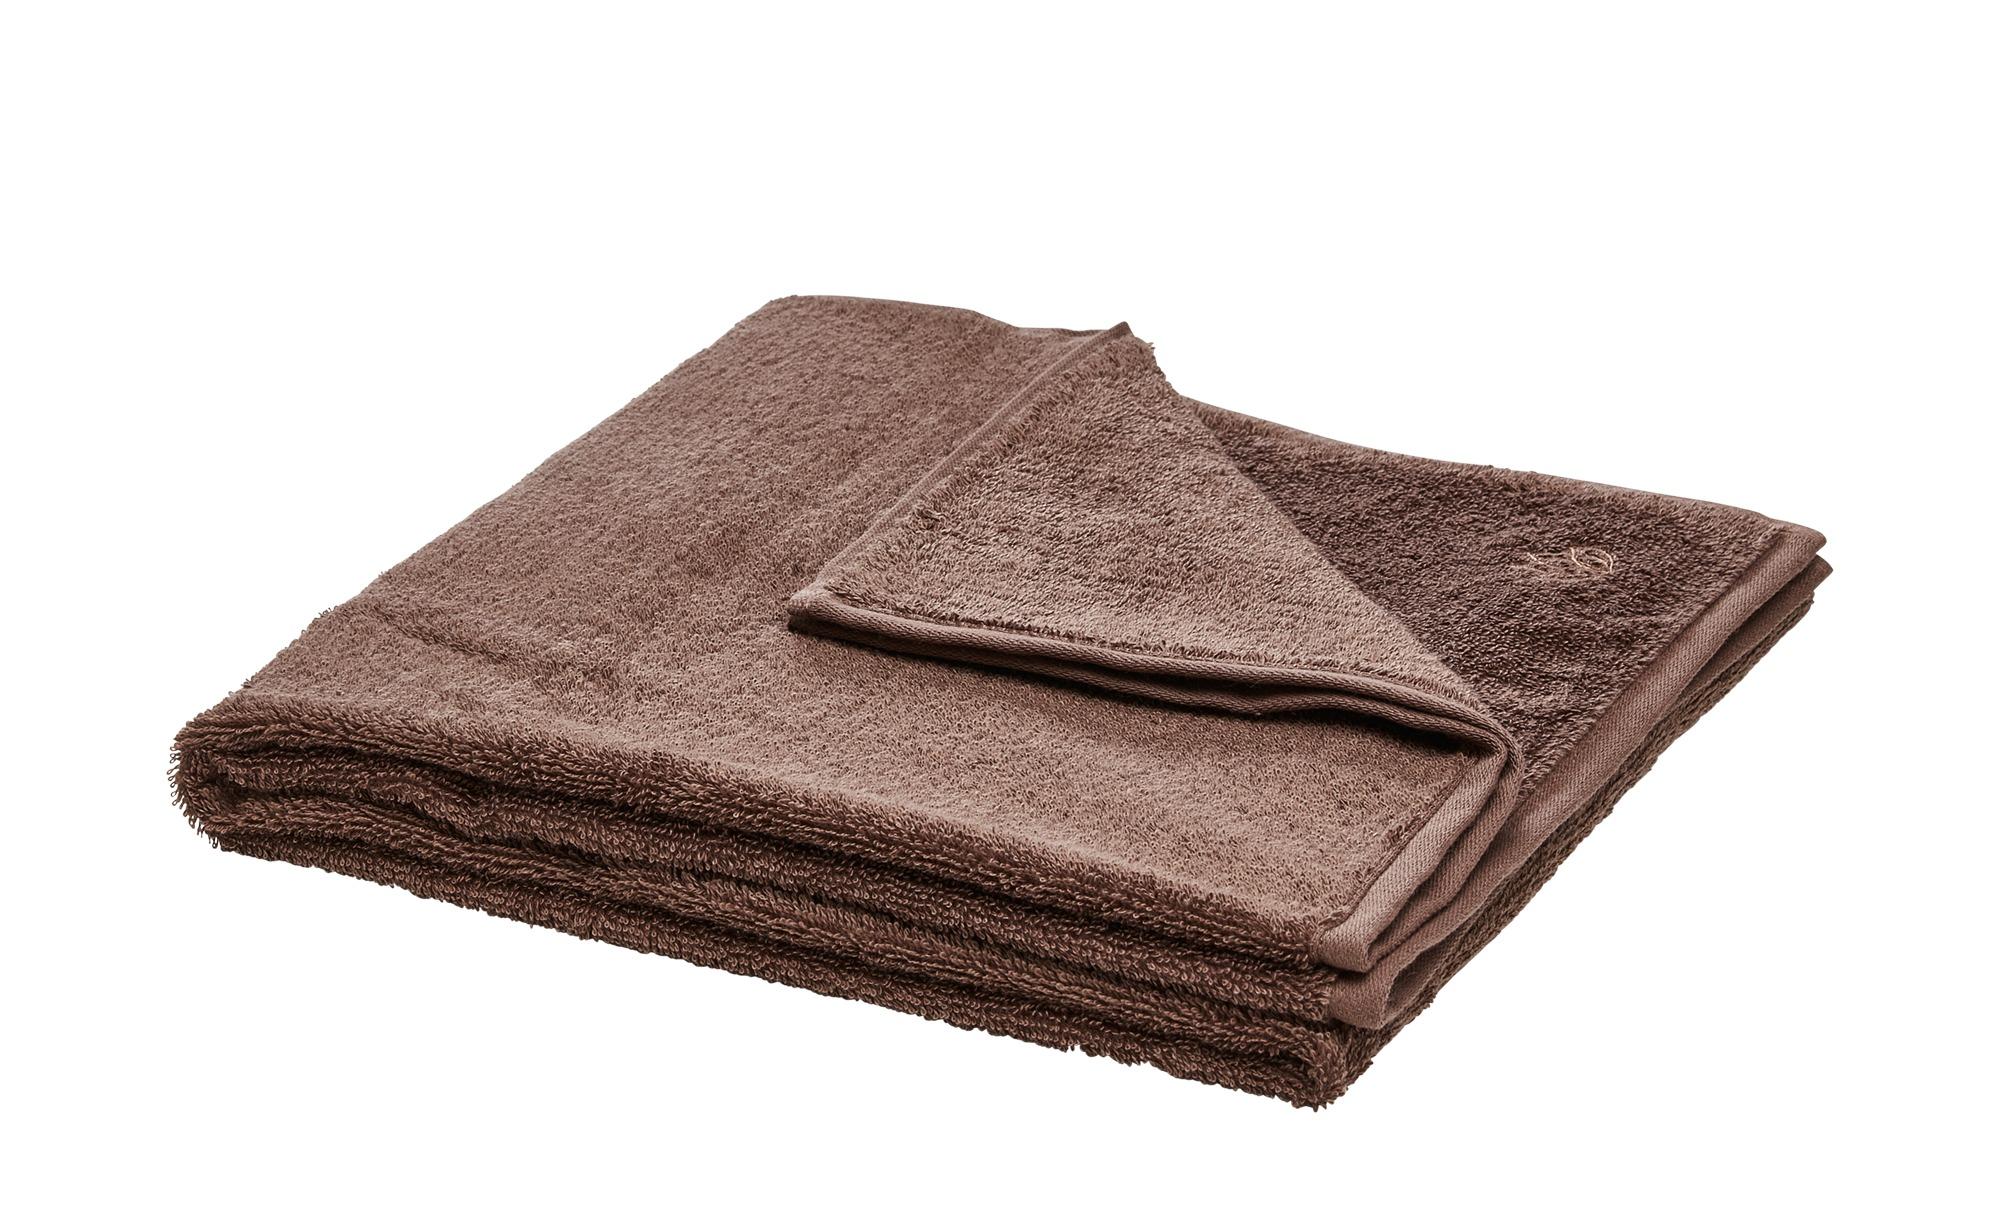 LAVIDA Duschtuch  Touch ¦ braun ¦ 100% Baumwolle ¦ Maße (cm): B: 67 Badtextilien und Zubehör > Handtücher & Badetücher > Duschtücher - Höffner